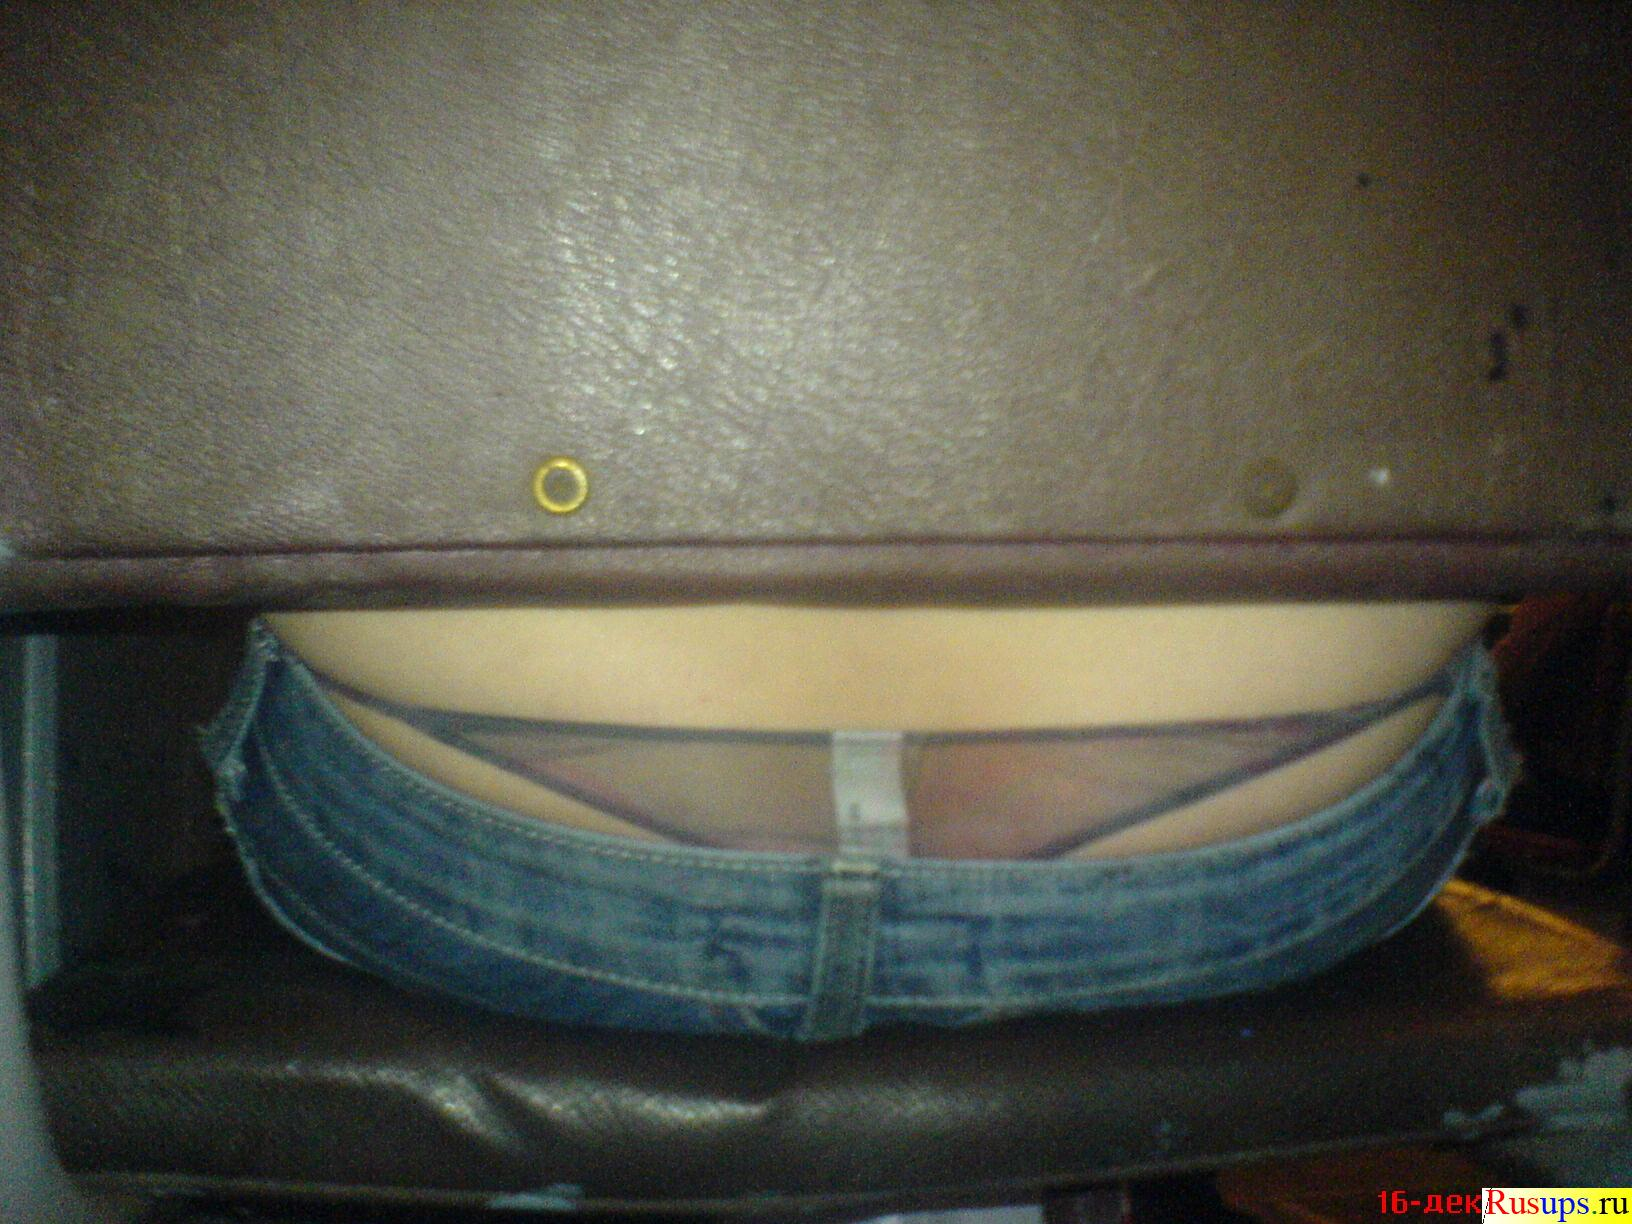 Торчат трусы из джинсов фото 4 фотография